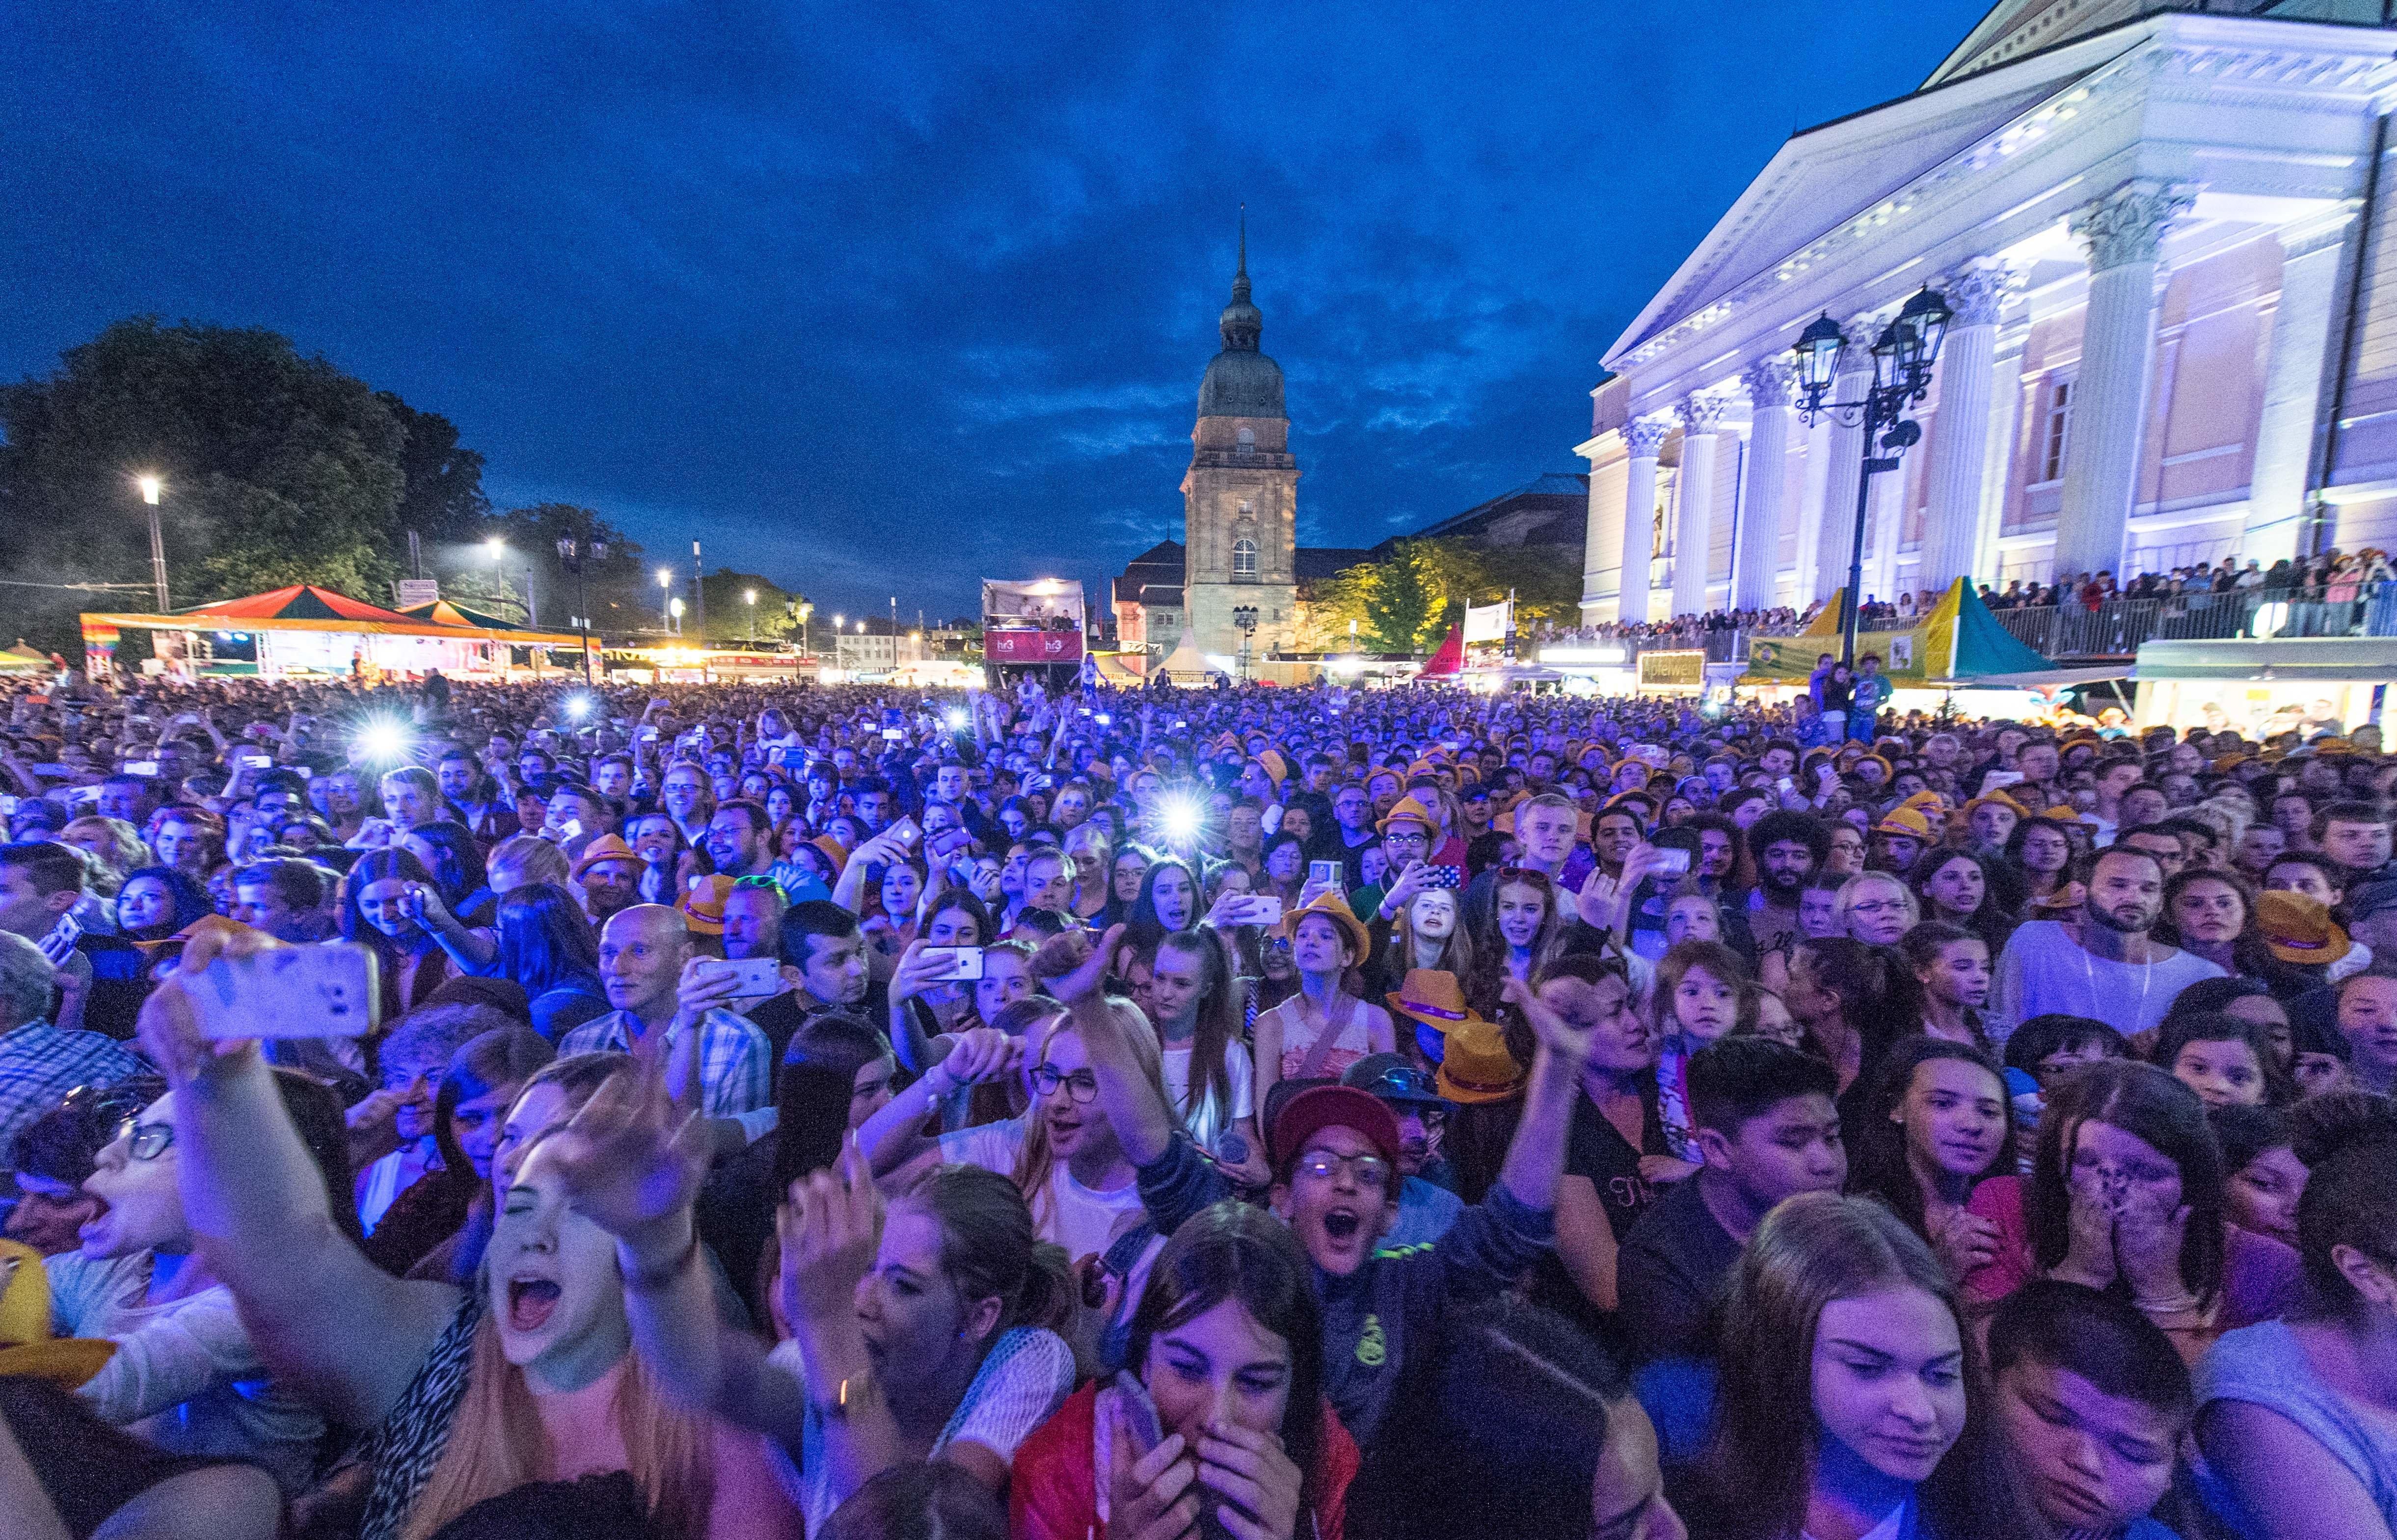 Gewaltausbruch auf Darmstädter Volksfest: Vermummte Menschenmenge greift Polizisten an – 15